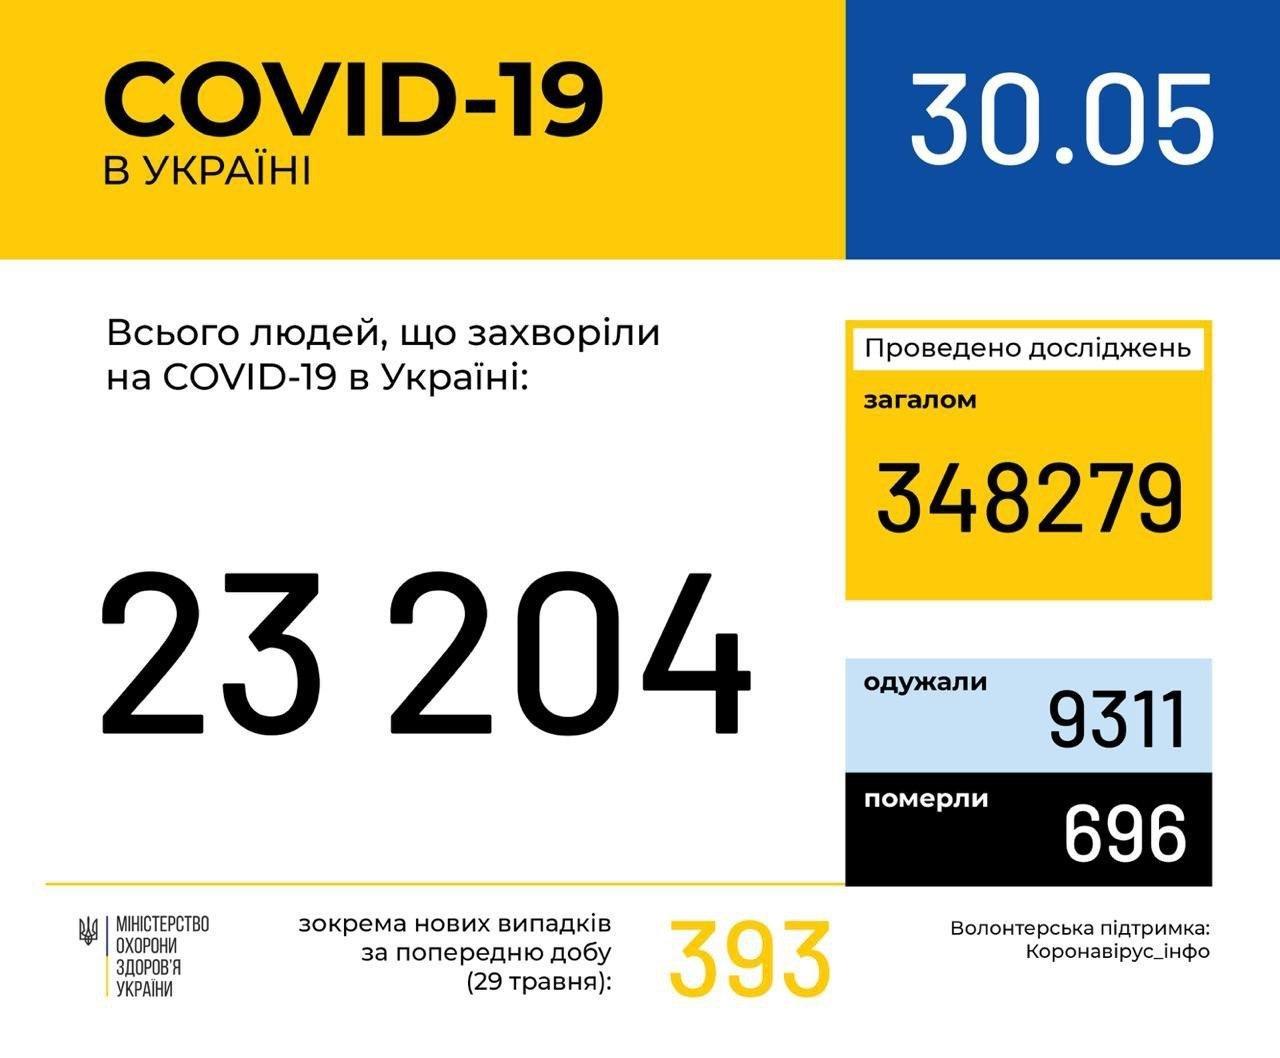 Коронавирус в Украине: эпидемия идет на спад